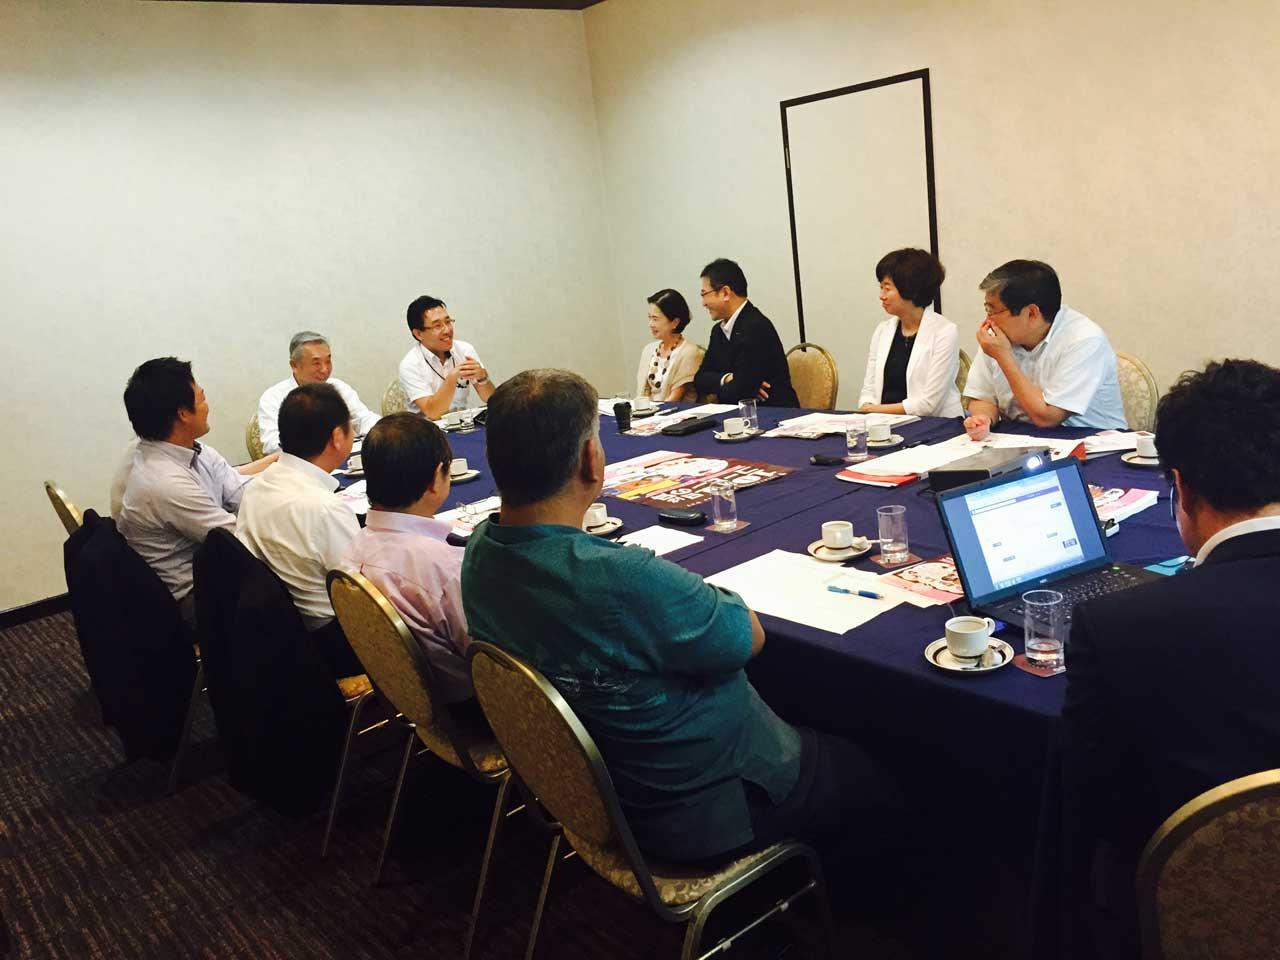 全日本コーヒー商工組合連合会 フェア委員会を開催